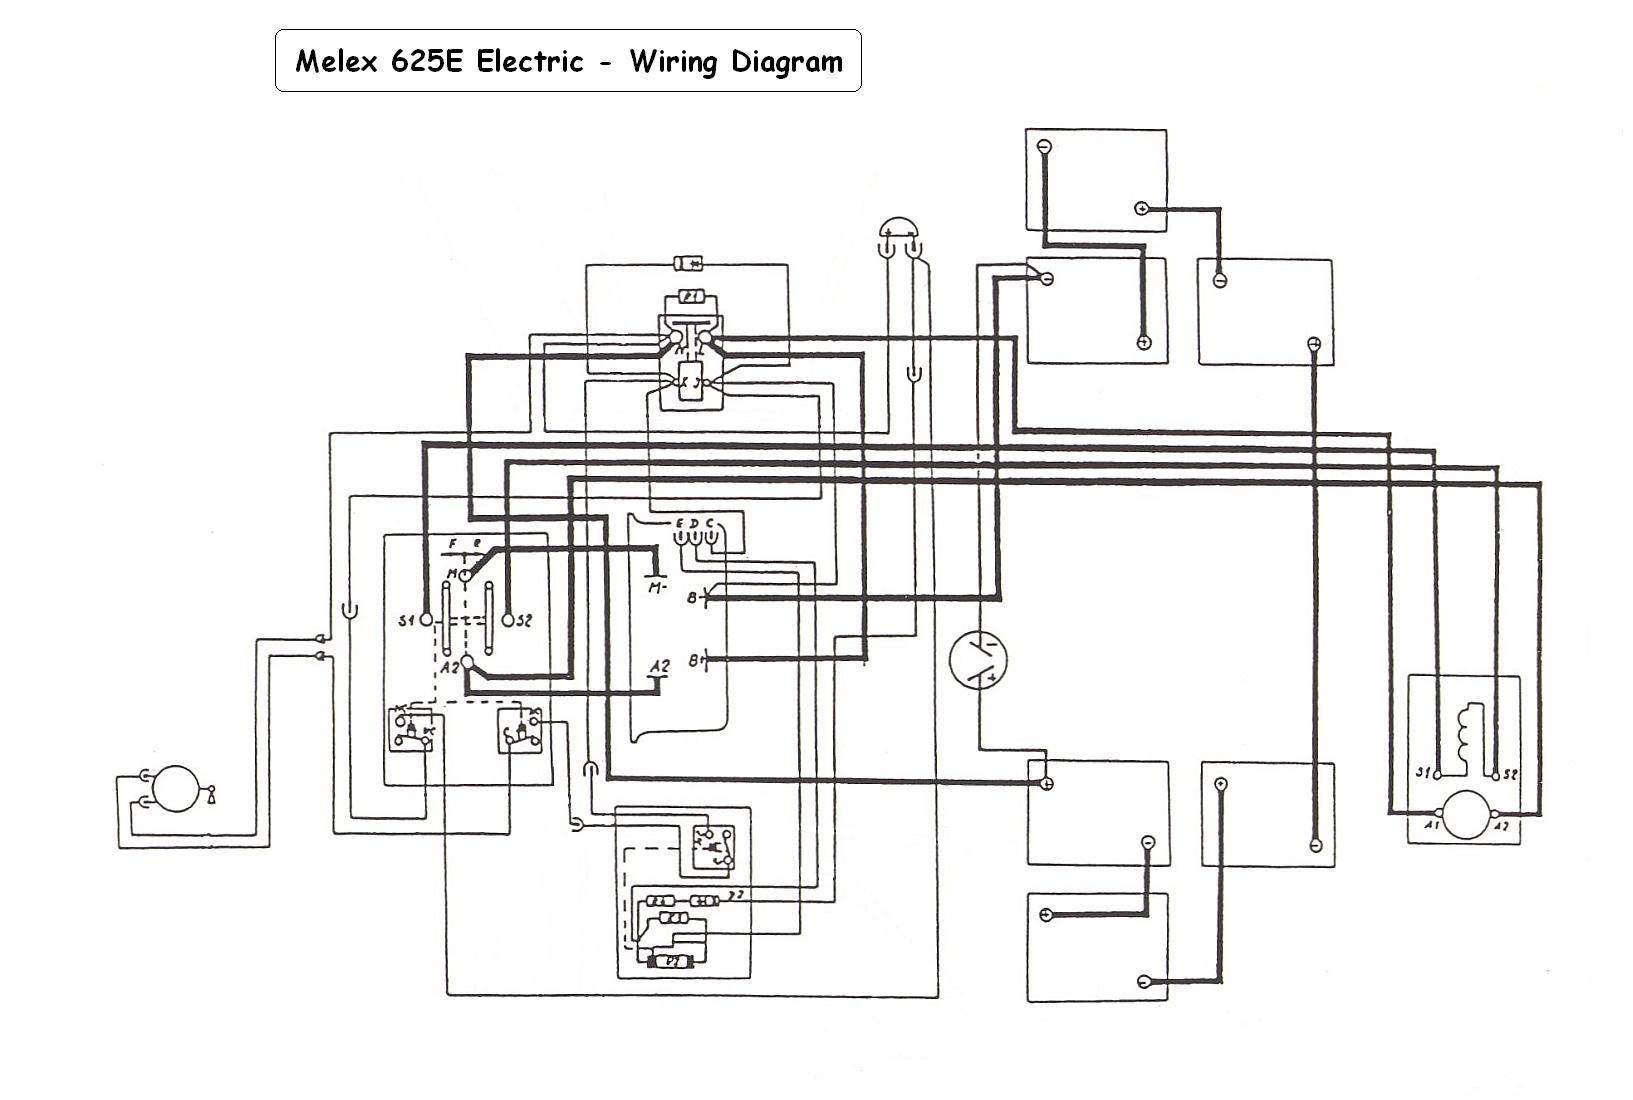 Melex 212 Wiring Diagram Ask Answer Light For Golf Cart Lights Library Rh 14 Kaufmed De 252